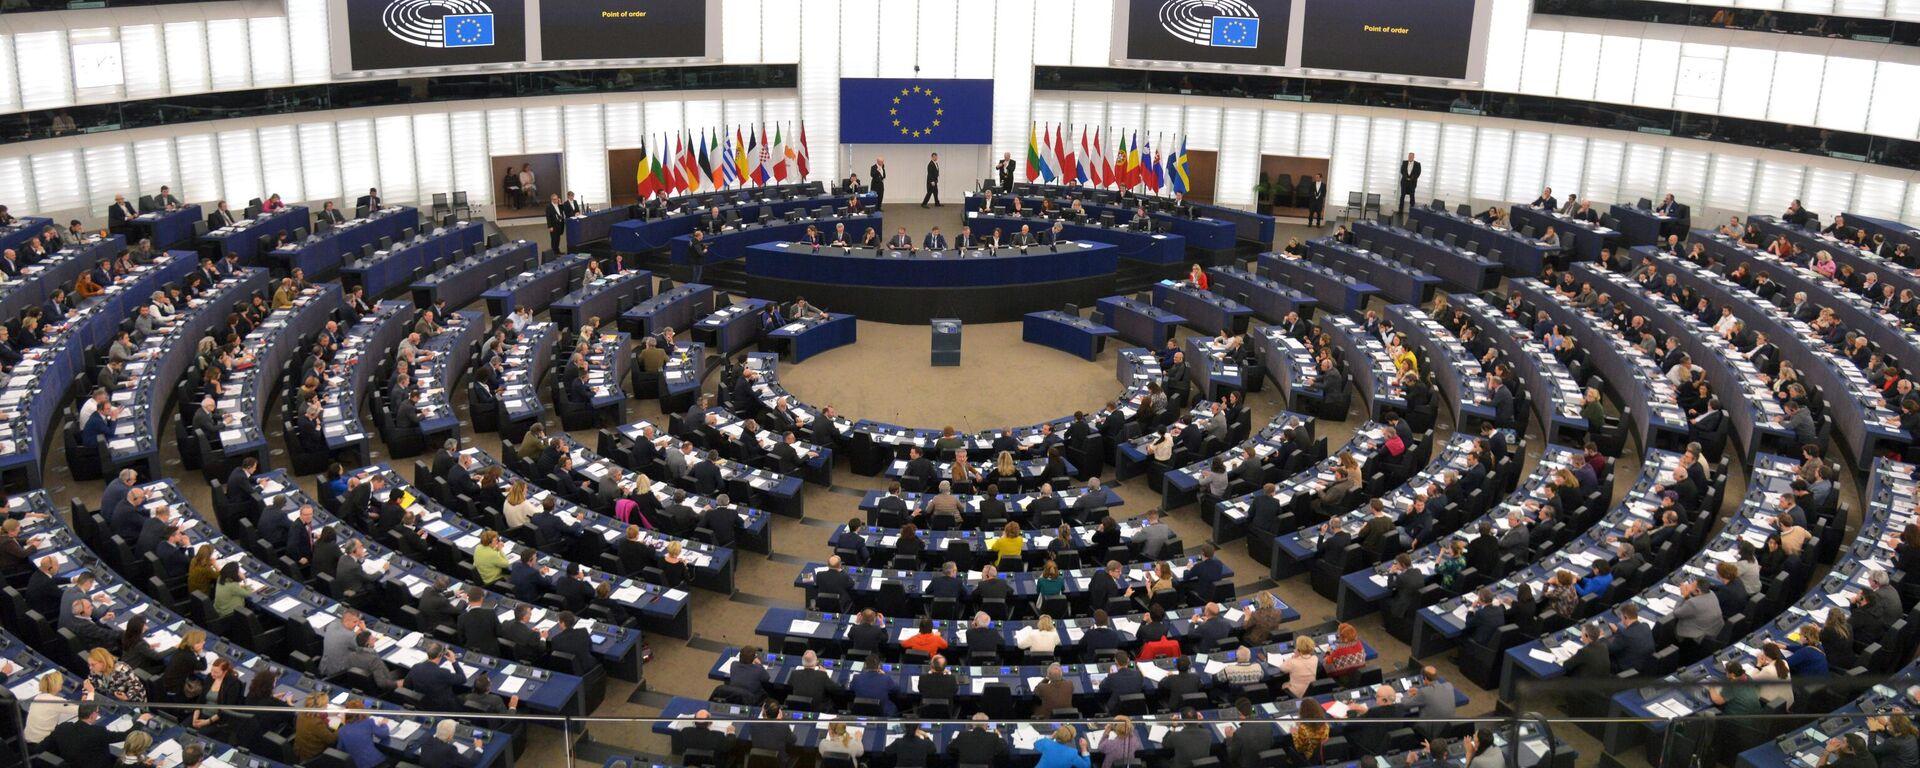 Sitzung des Europäischen Parlaments in Straßburg (Archivbild) - SNA, 1920, 09.02.2021